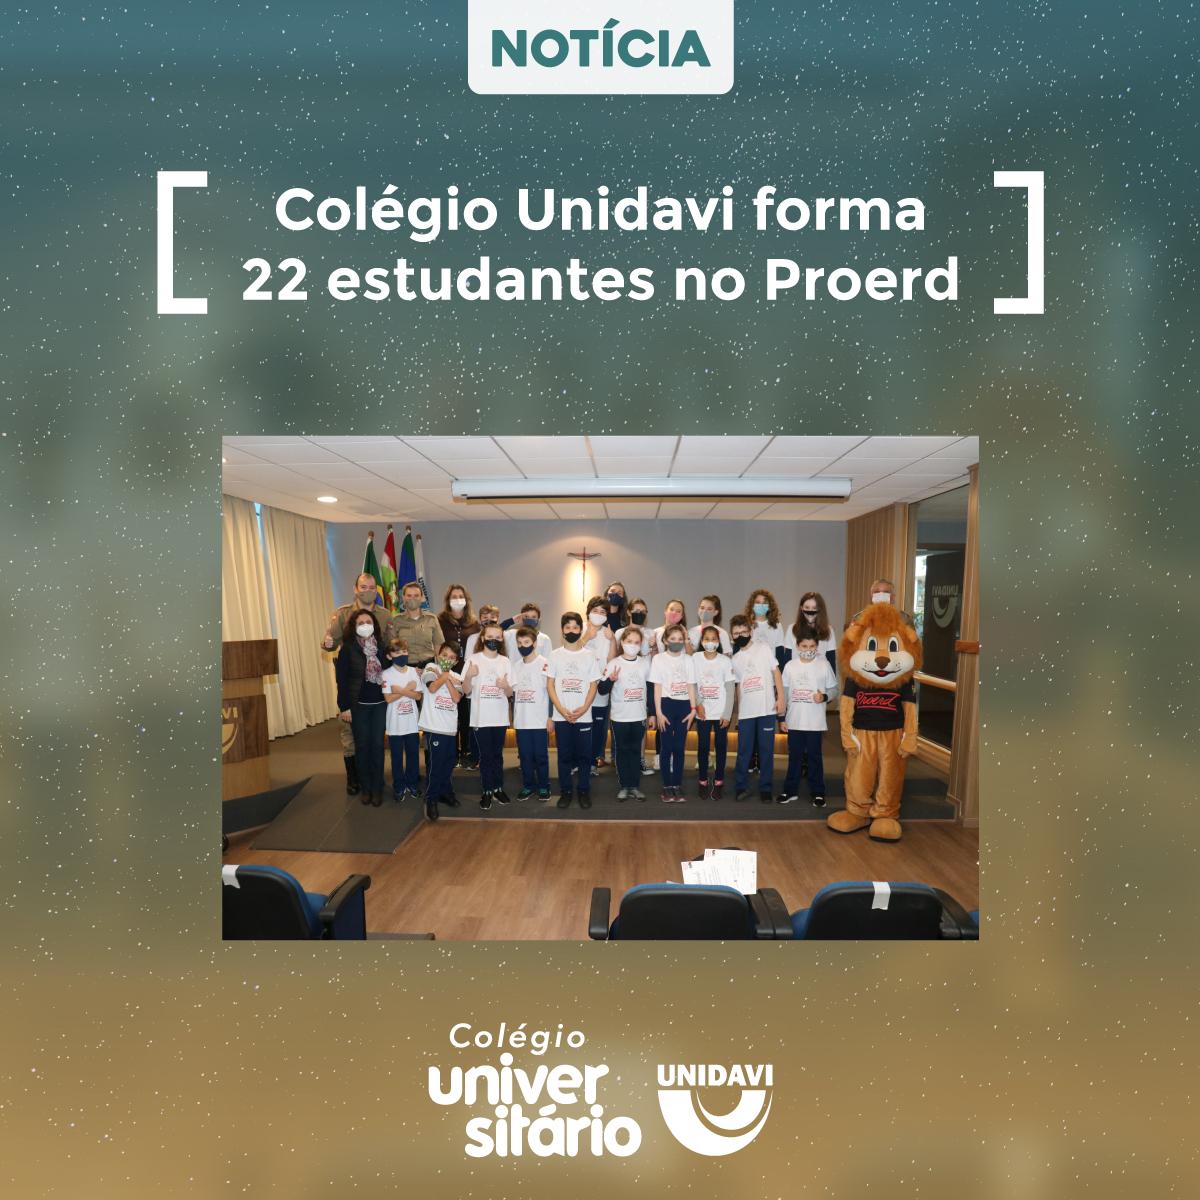 Colégio Unidavi forma 22 estudantes no Proerd